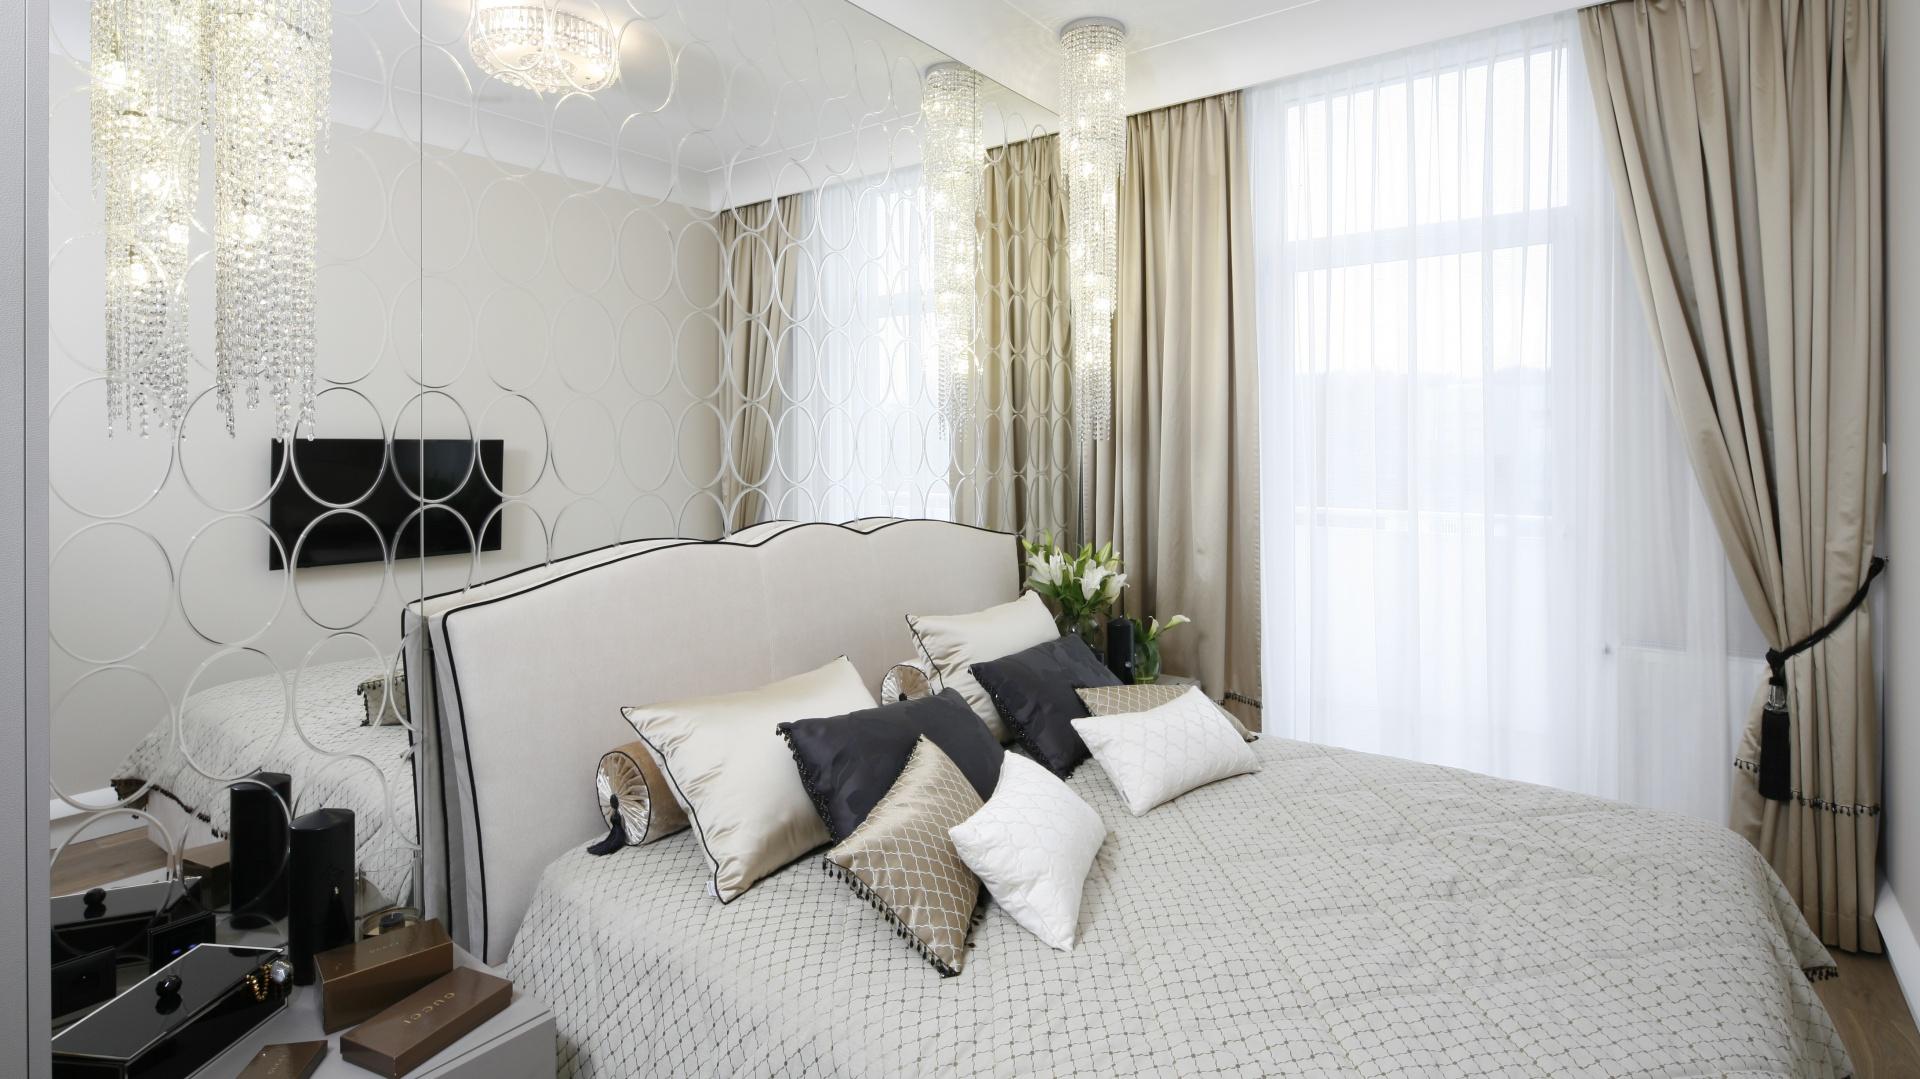 Sypialnia w ciepłych beżach to królestwo elegancji. Łóżko tapicerowane tkaniną imitującą skórę węża dodaje pikanterii. Projekt: Karolina Łuczyńska. Fot. Bartosz Jarosz